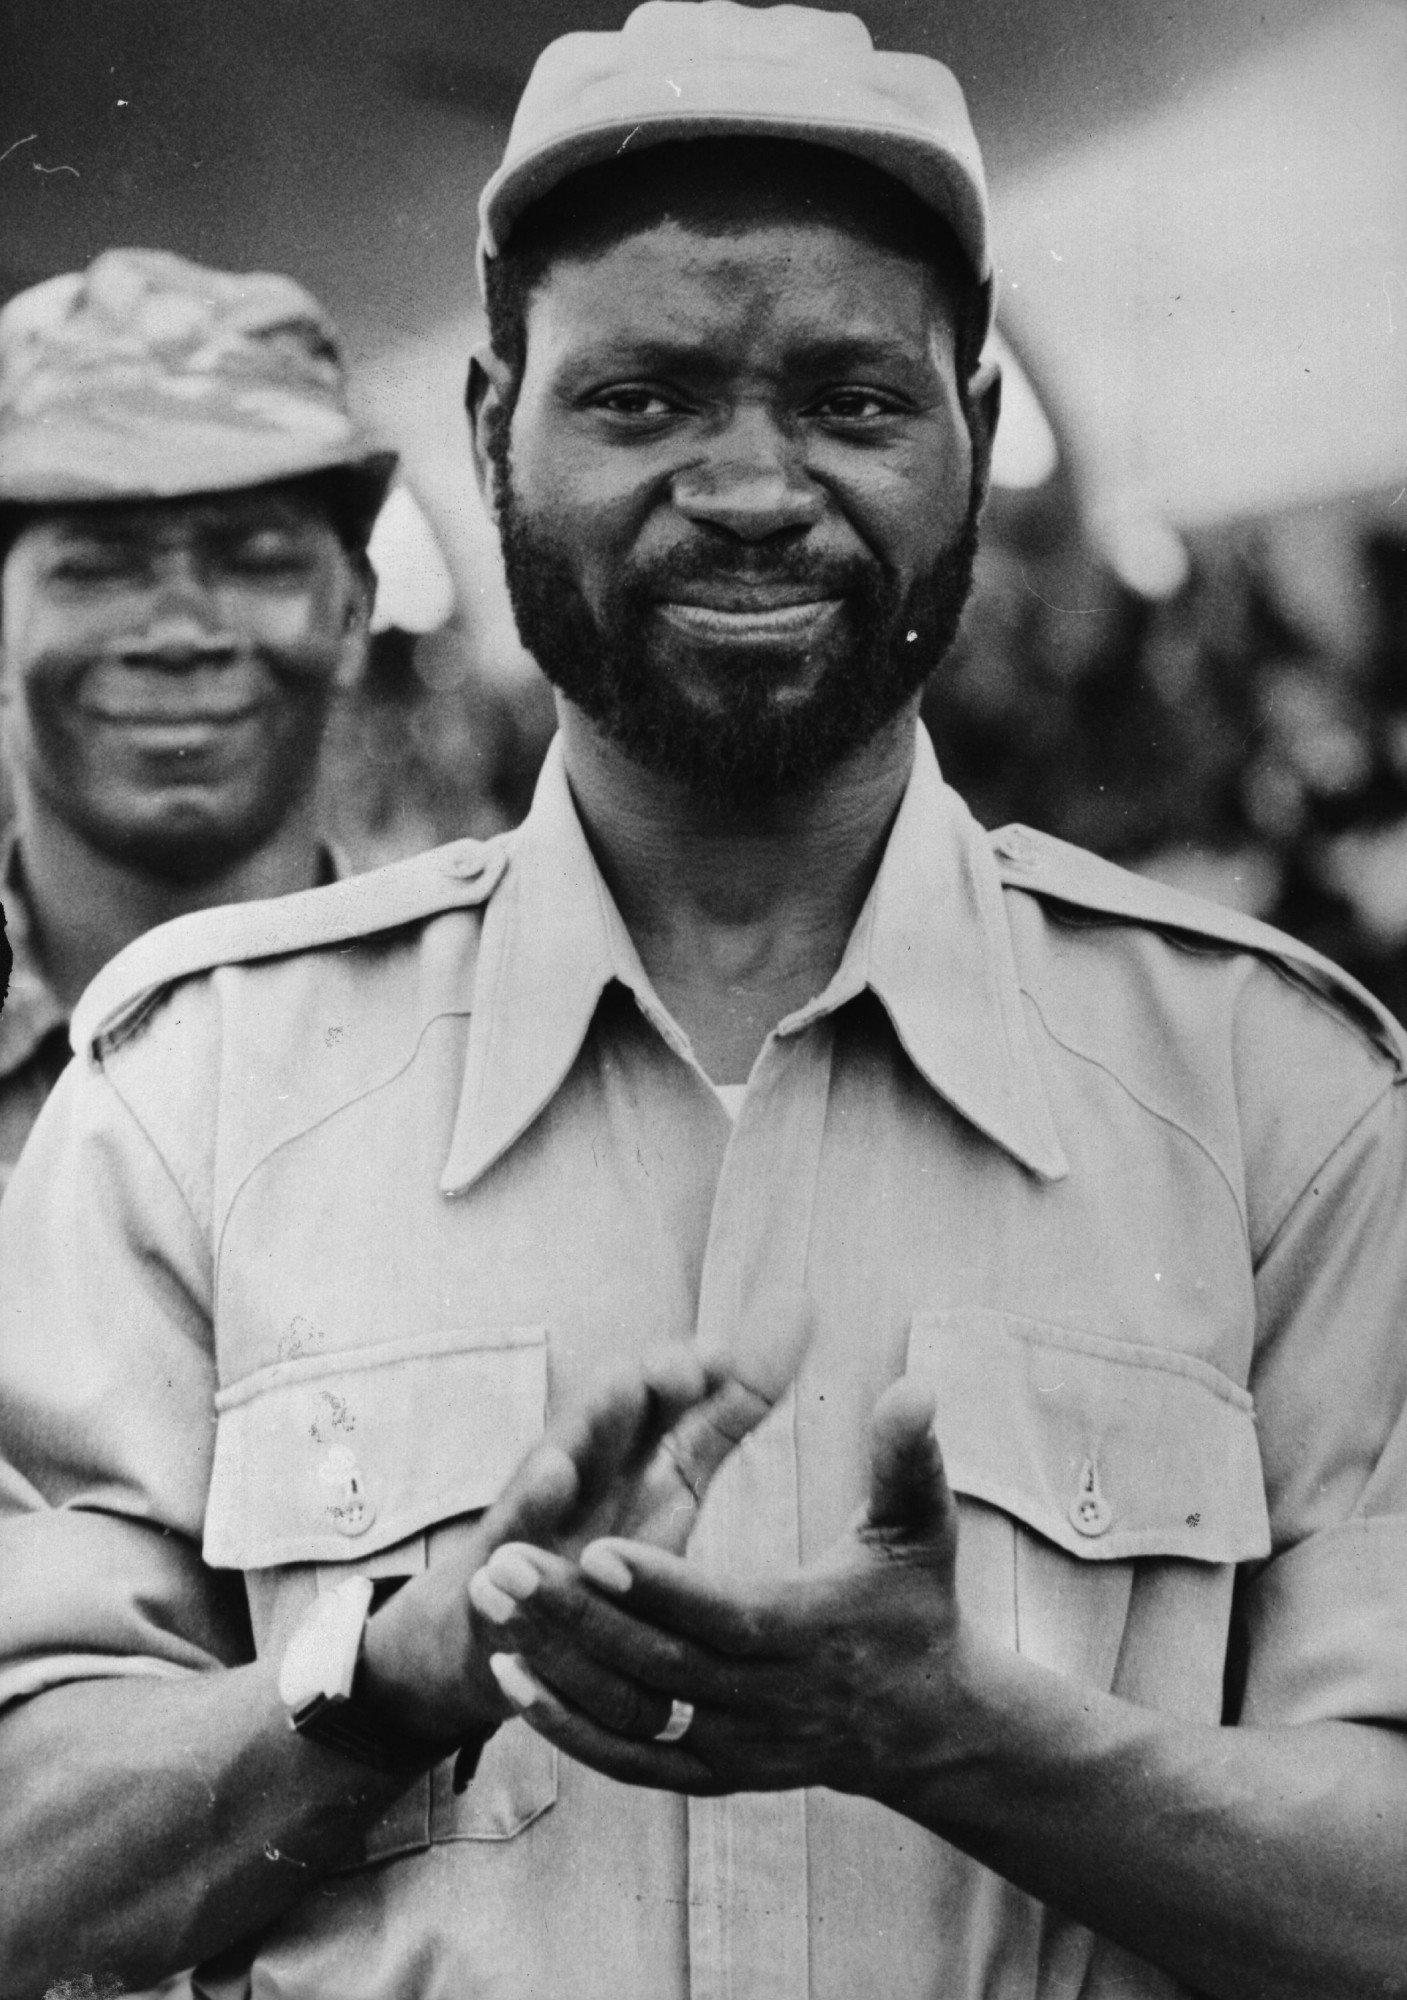 Samora Moises Machel levou para as negociações uma cassete que deixou embaraçada a e sem argumentos a delegação portuguesa